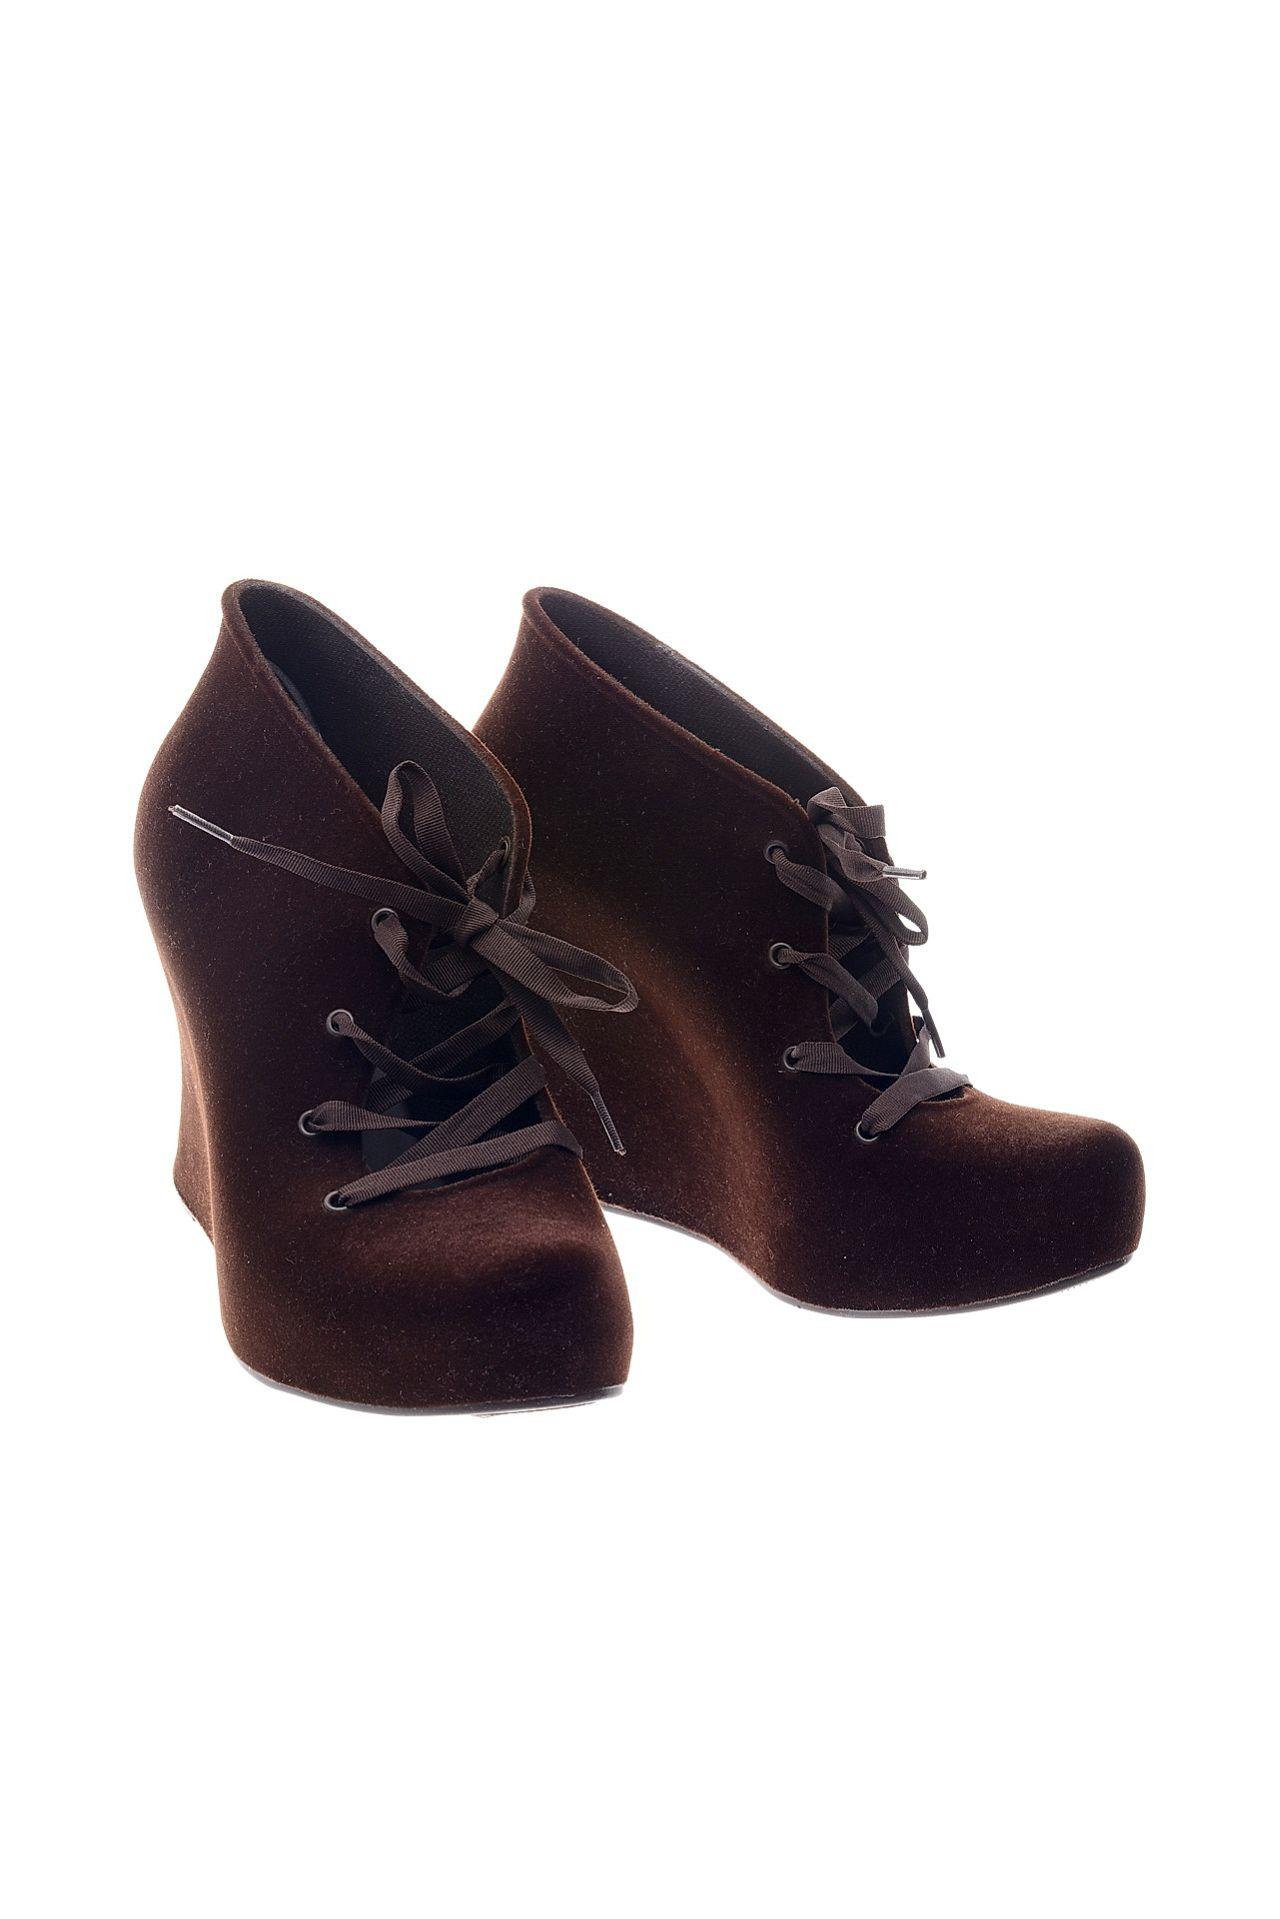 Ботильоны Melissa melissa vitorino campos обувь на шнурках